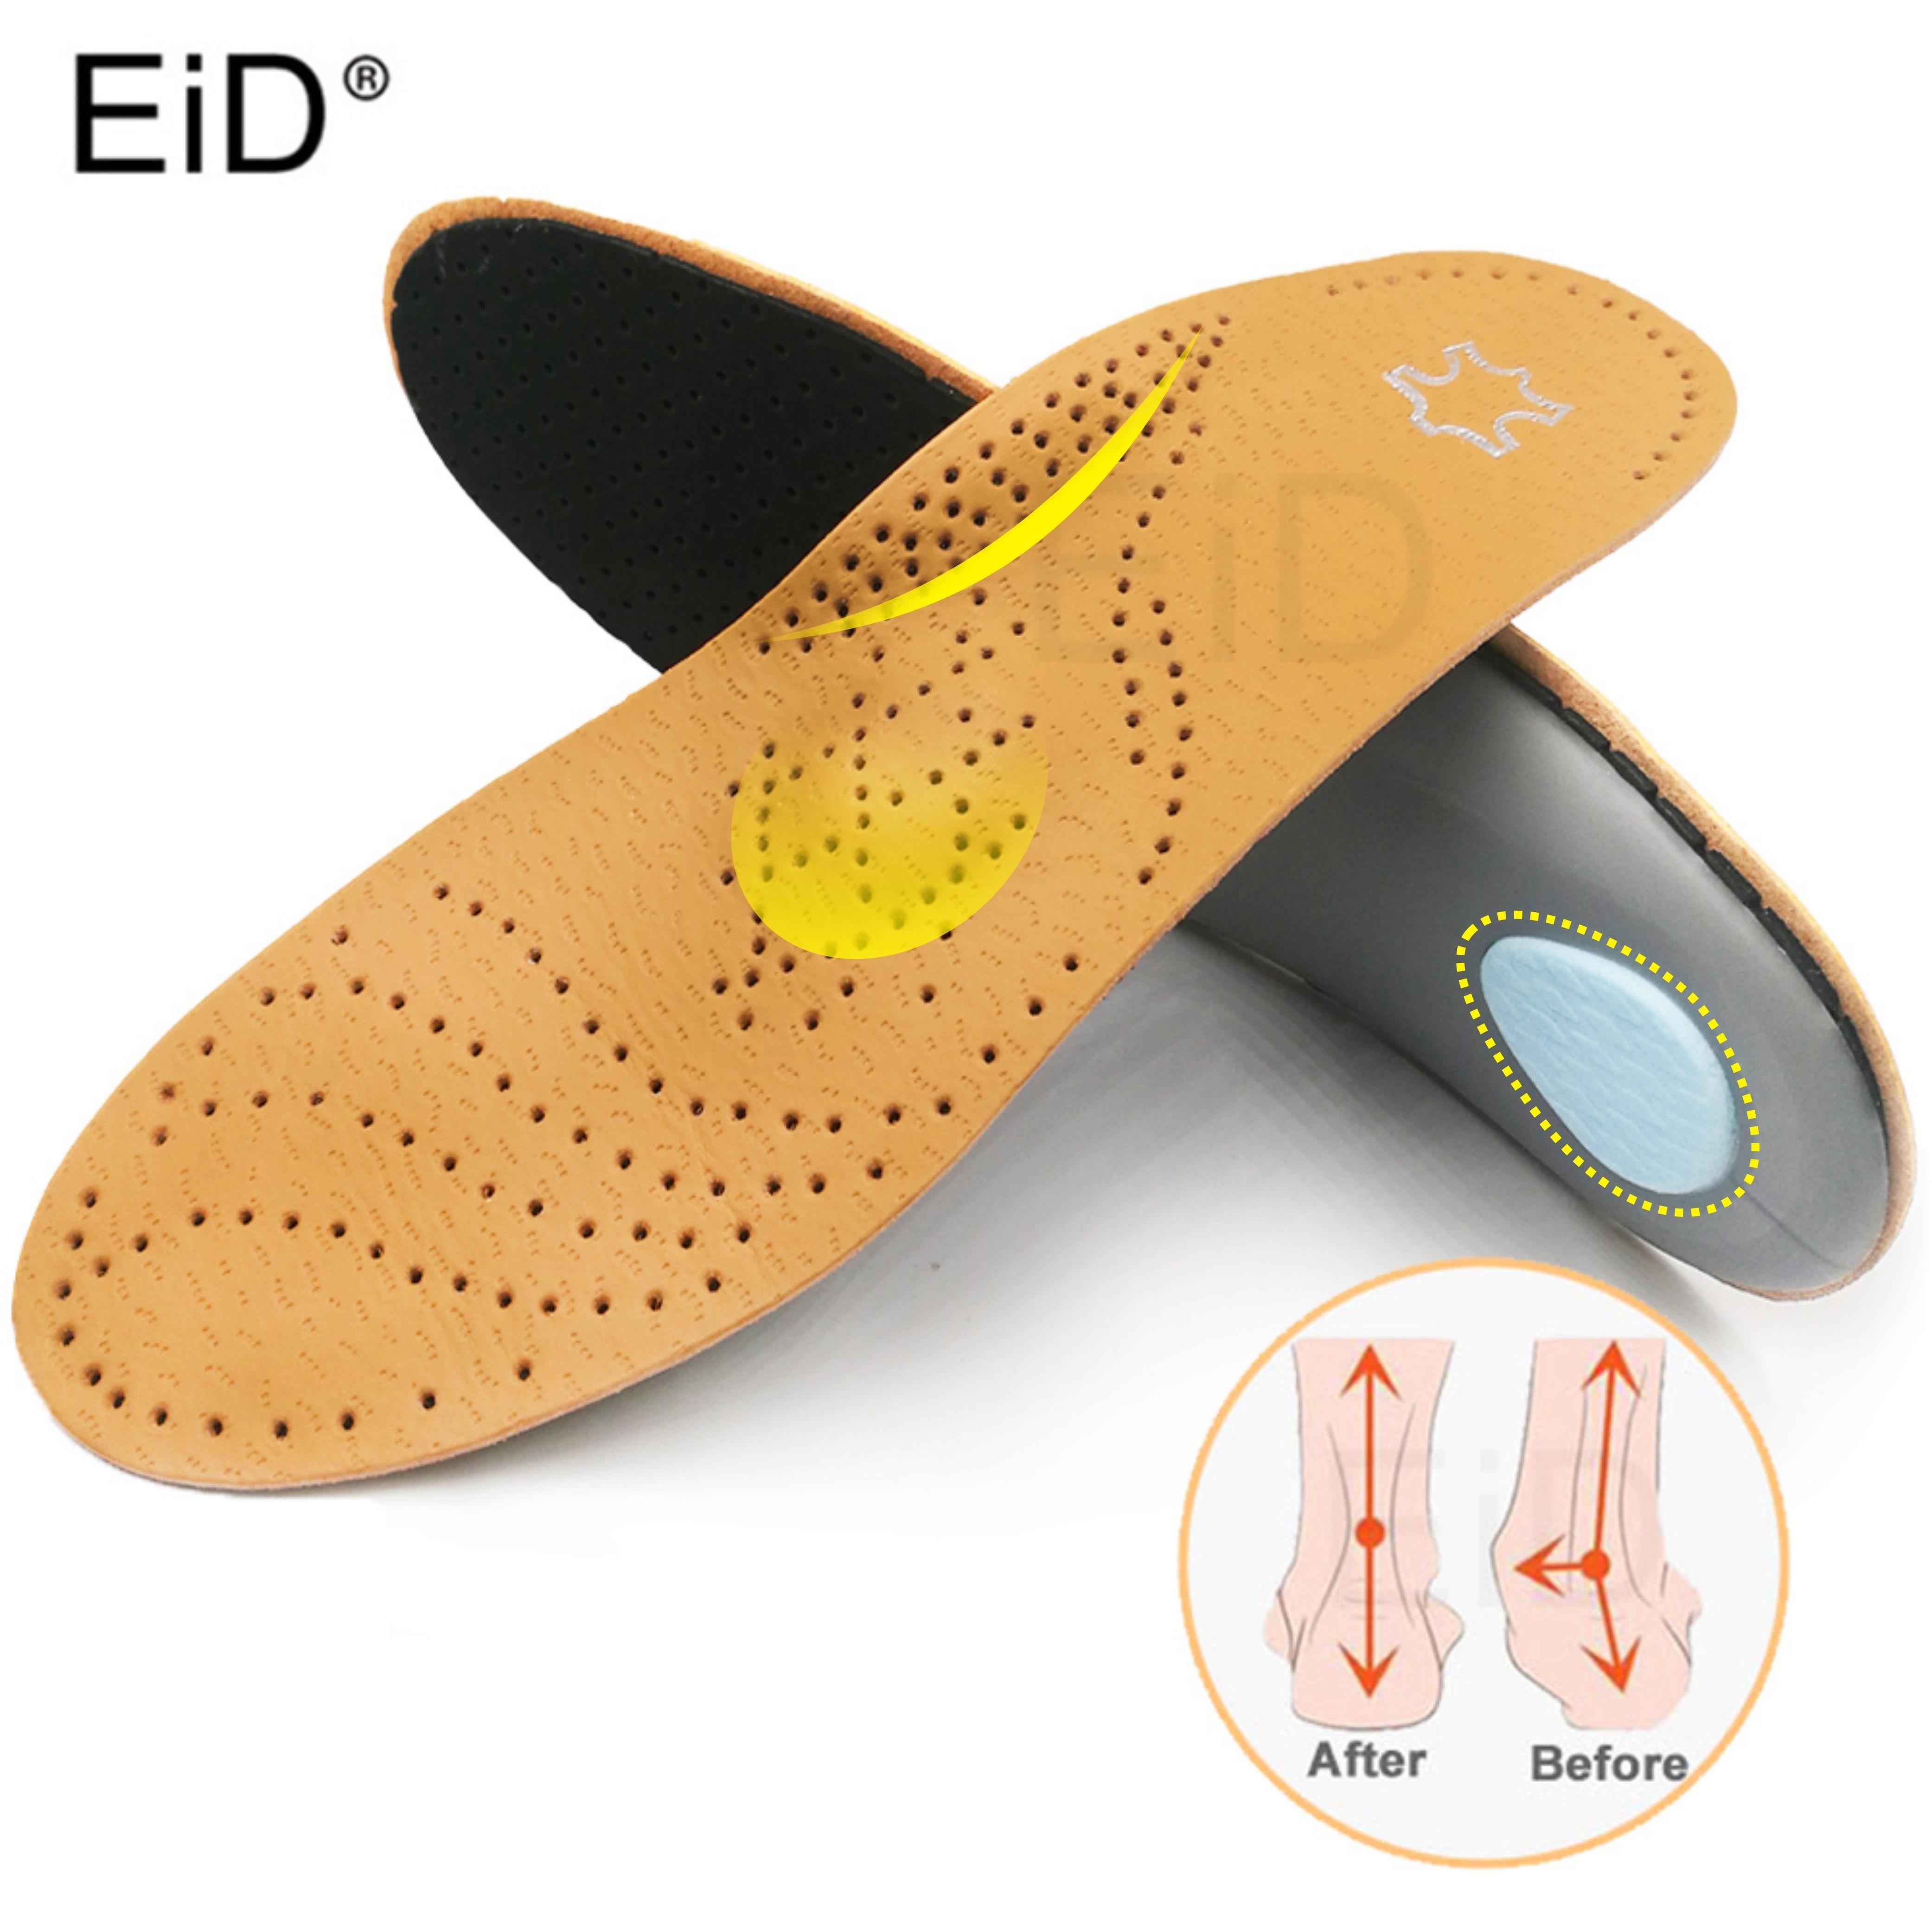 31cfe3cc3 EID ortopédicos palmilha de Couro de Alta qualidade para sapatos sole Palmilhas  Pés Chatos ortopédicos Arch Apoio para os pés dos homens e mulheres BOI ...